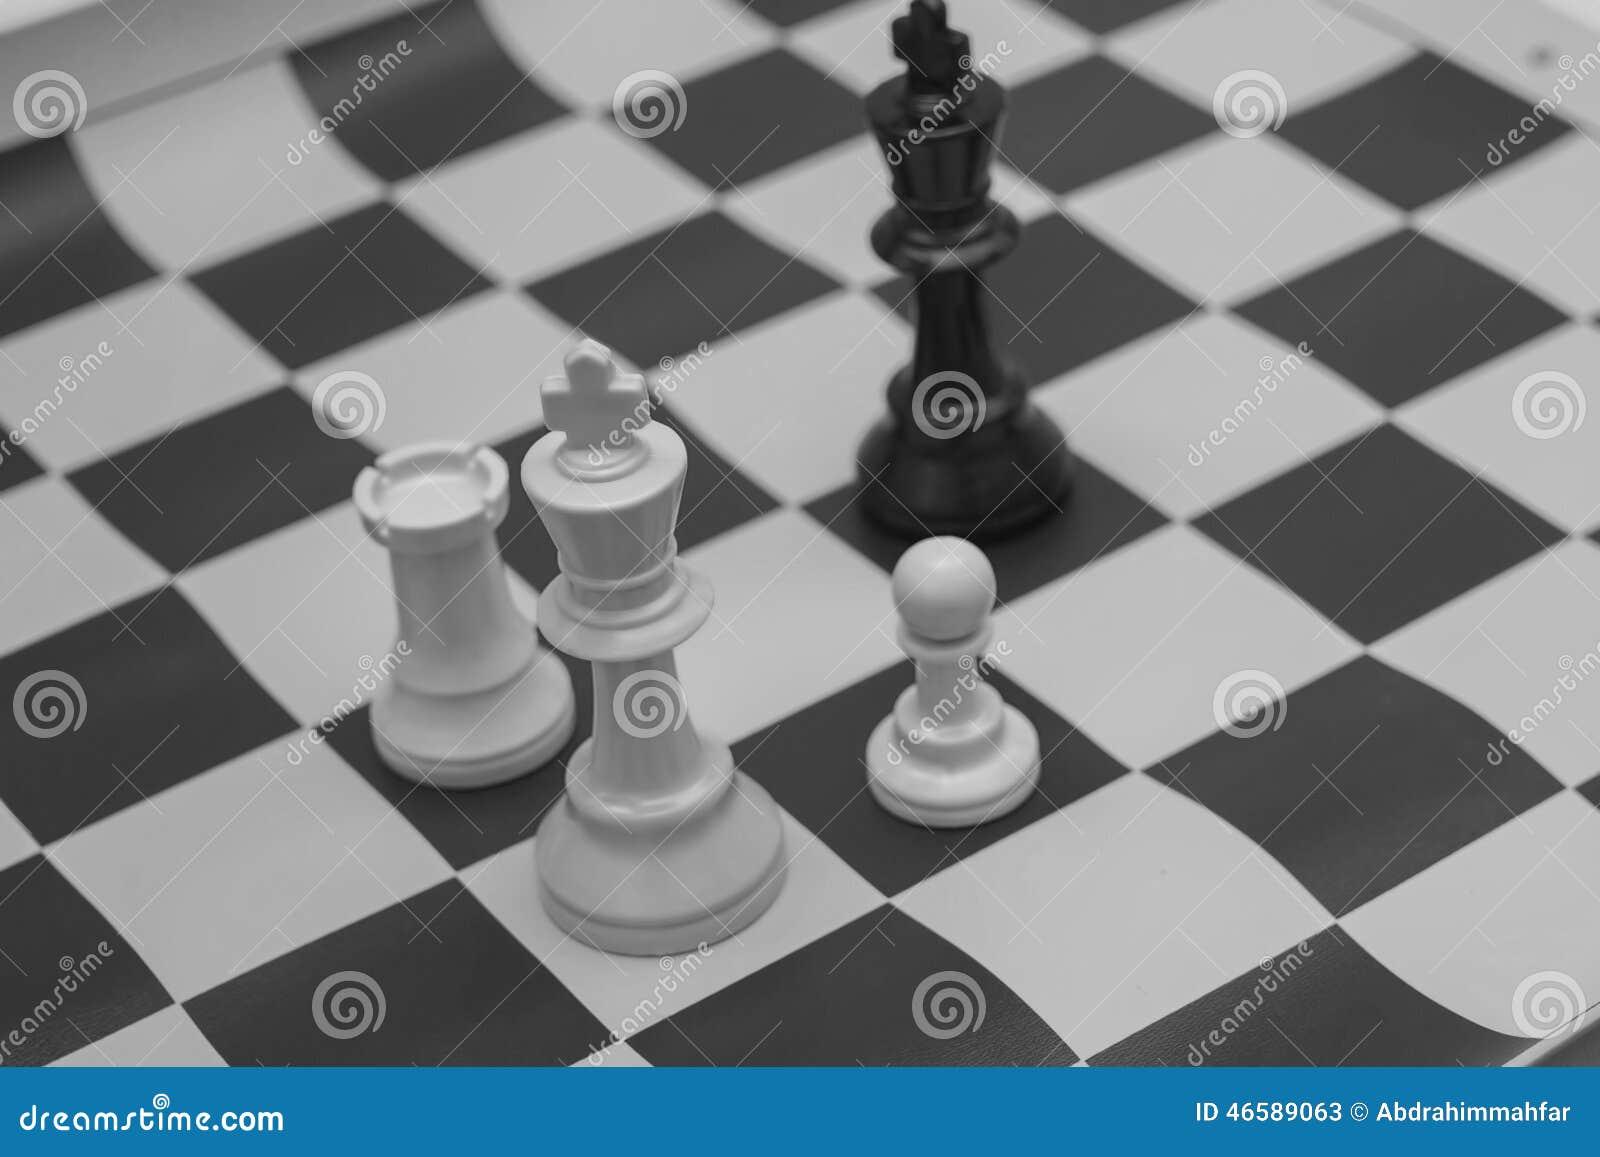 Roi blanc et noir contestant pour la victoire